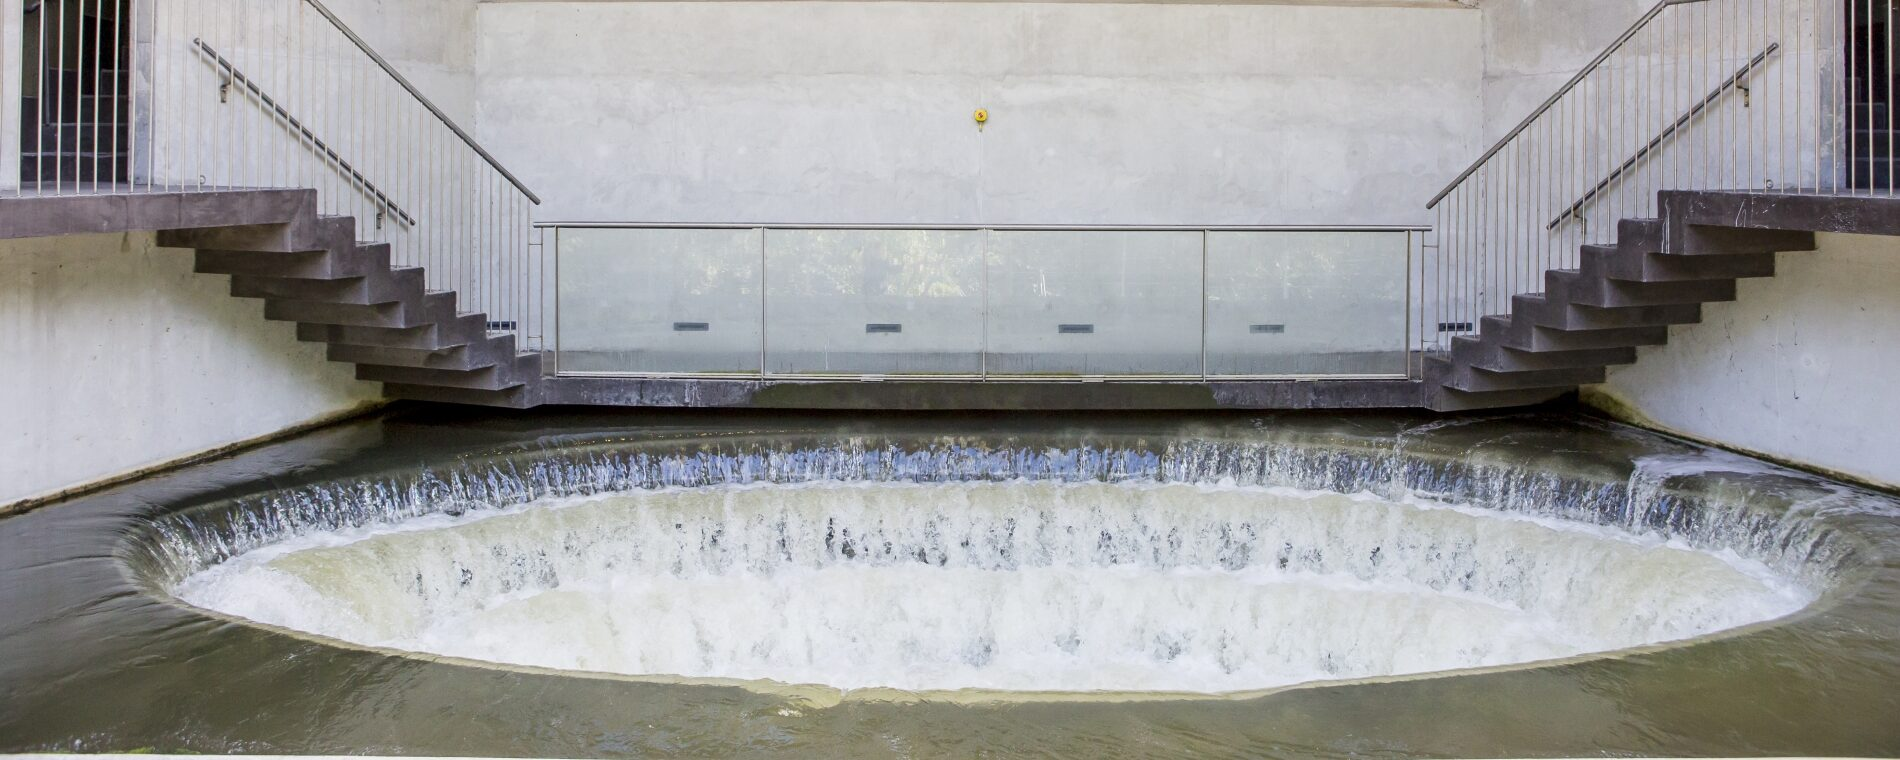 http://Renat%20avloppsvatten%20rinner%20ut%20genom%20Gryaabs%20vattensnäcka.